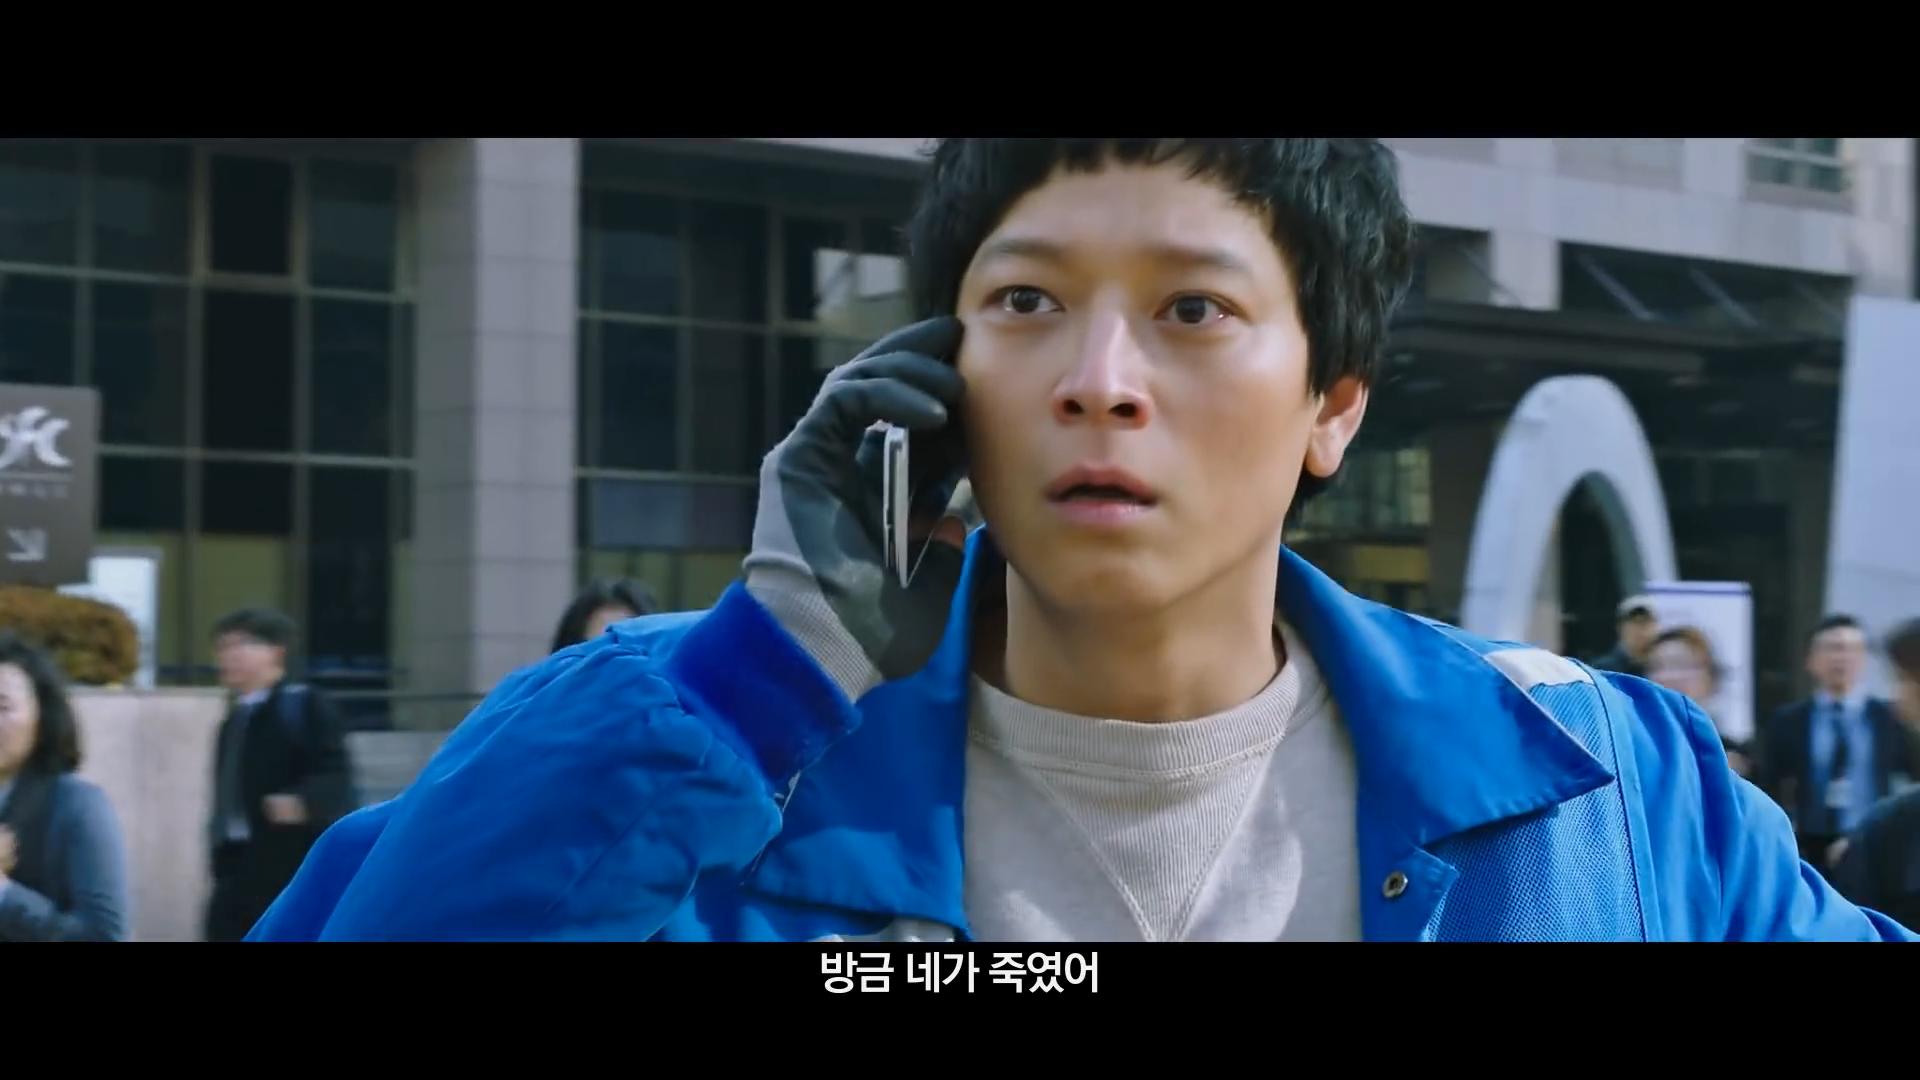 [영화프리뷰] 강동원, 한효주 영화 골든슬럼버 프...